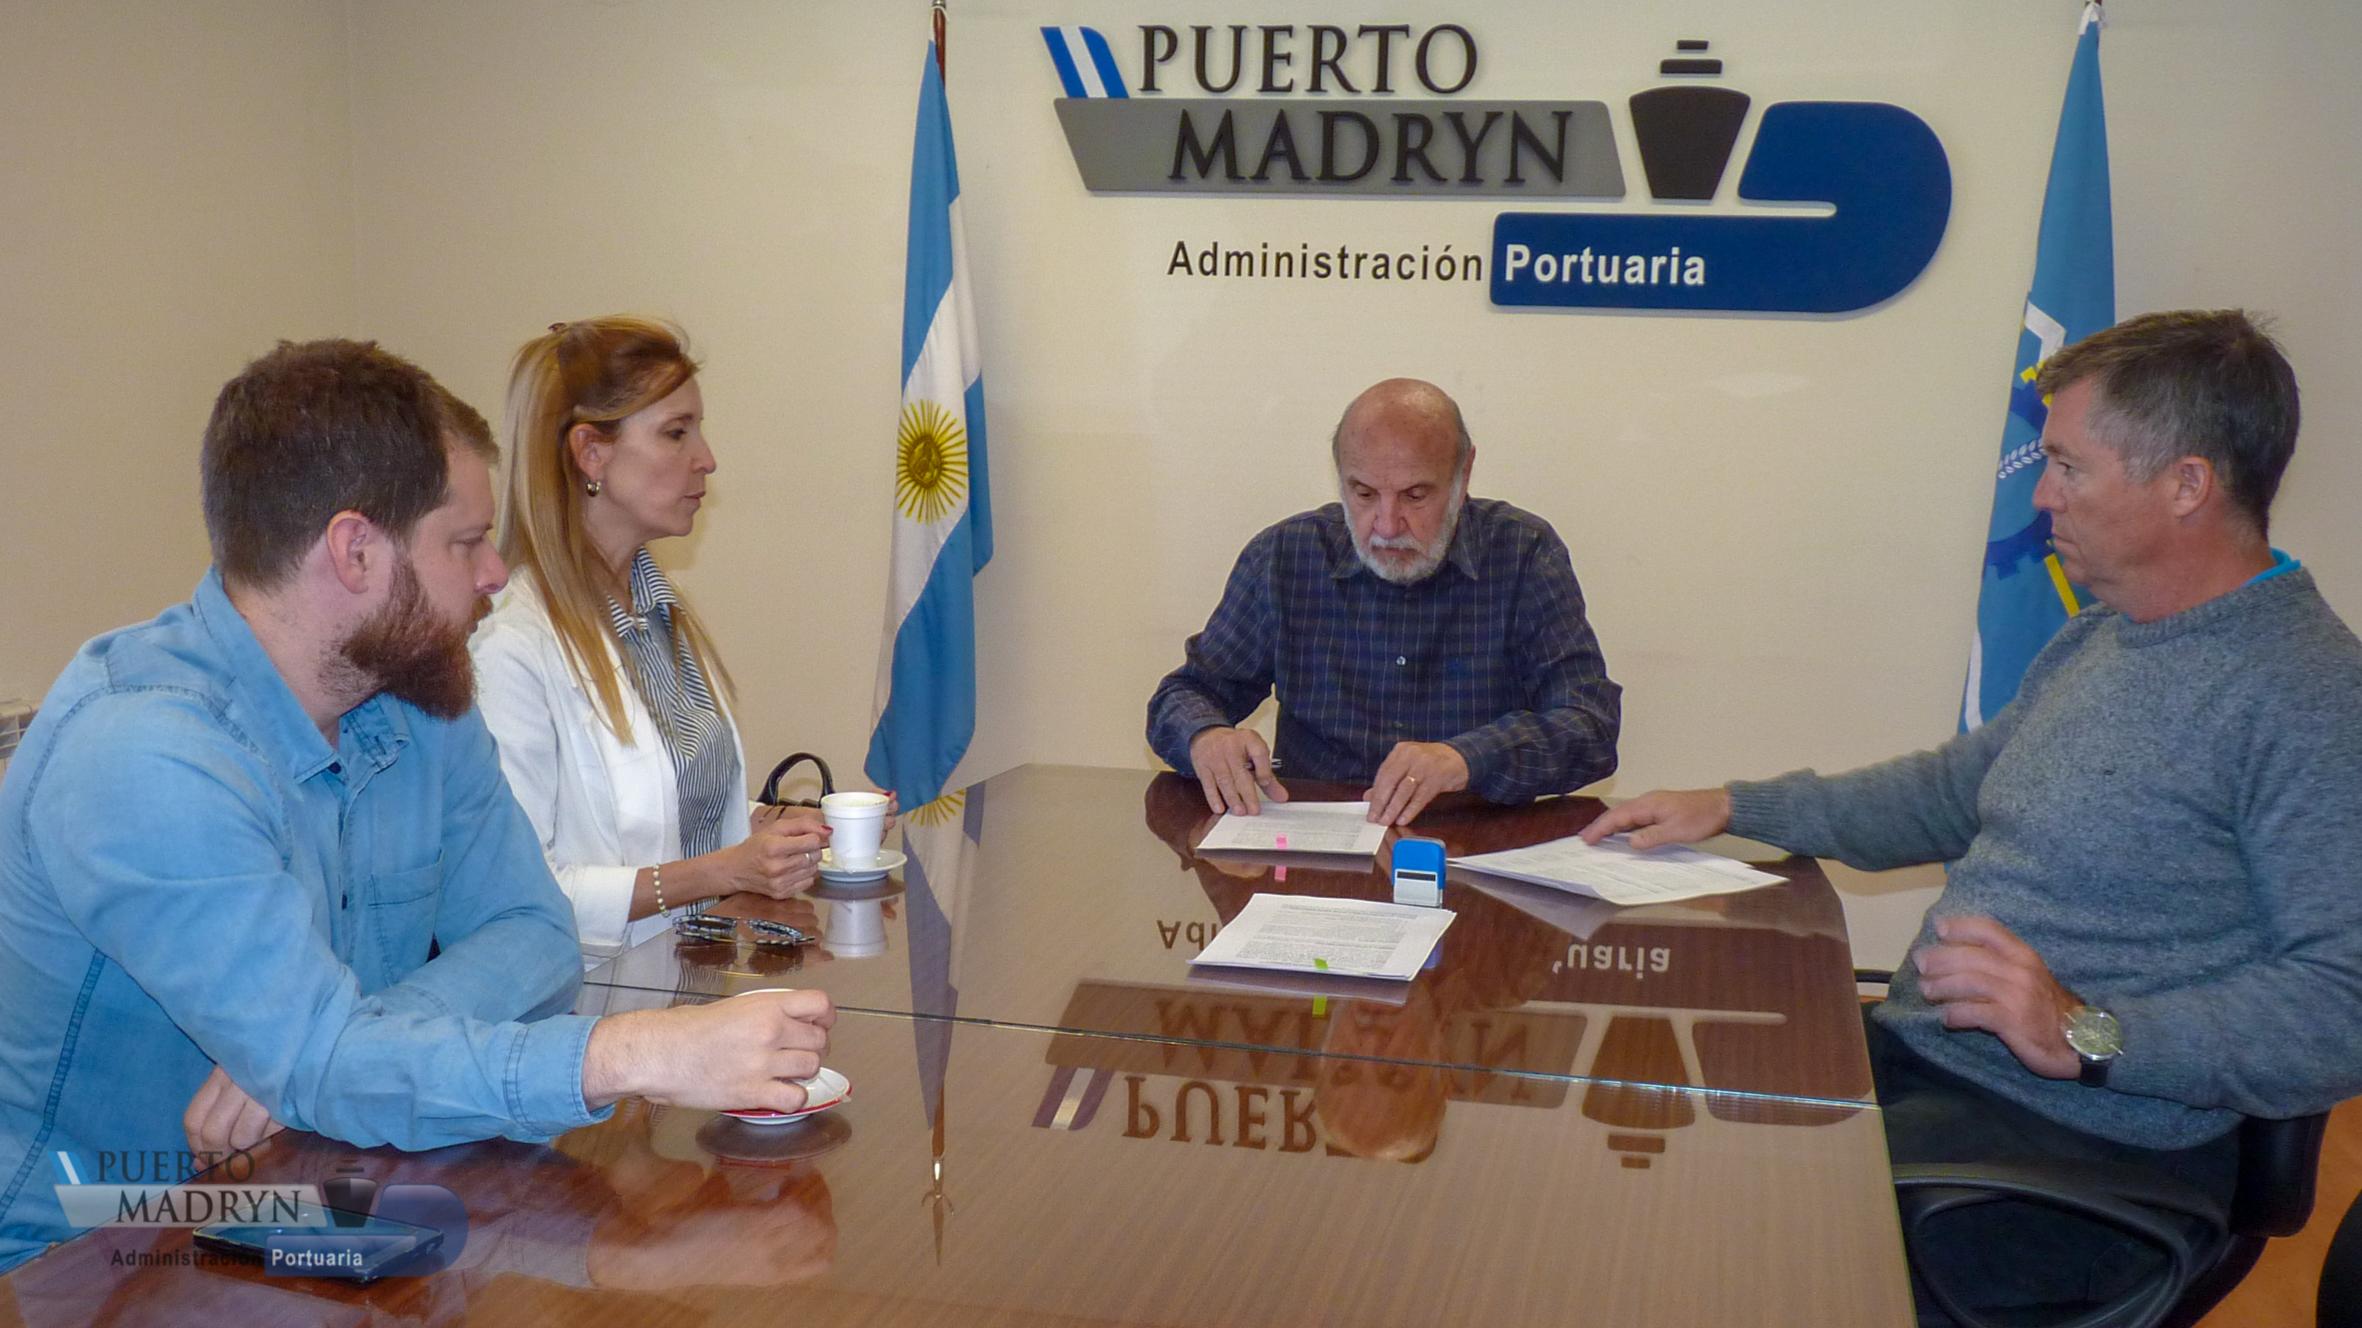 Convenio entre la Administración Portuaria de Puerto Madryn y la Universidad Nacional de la Patagonia